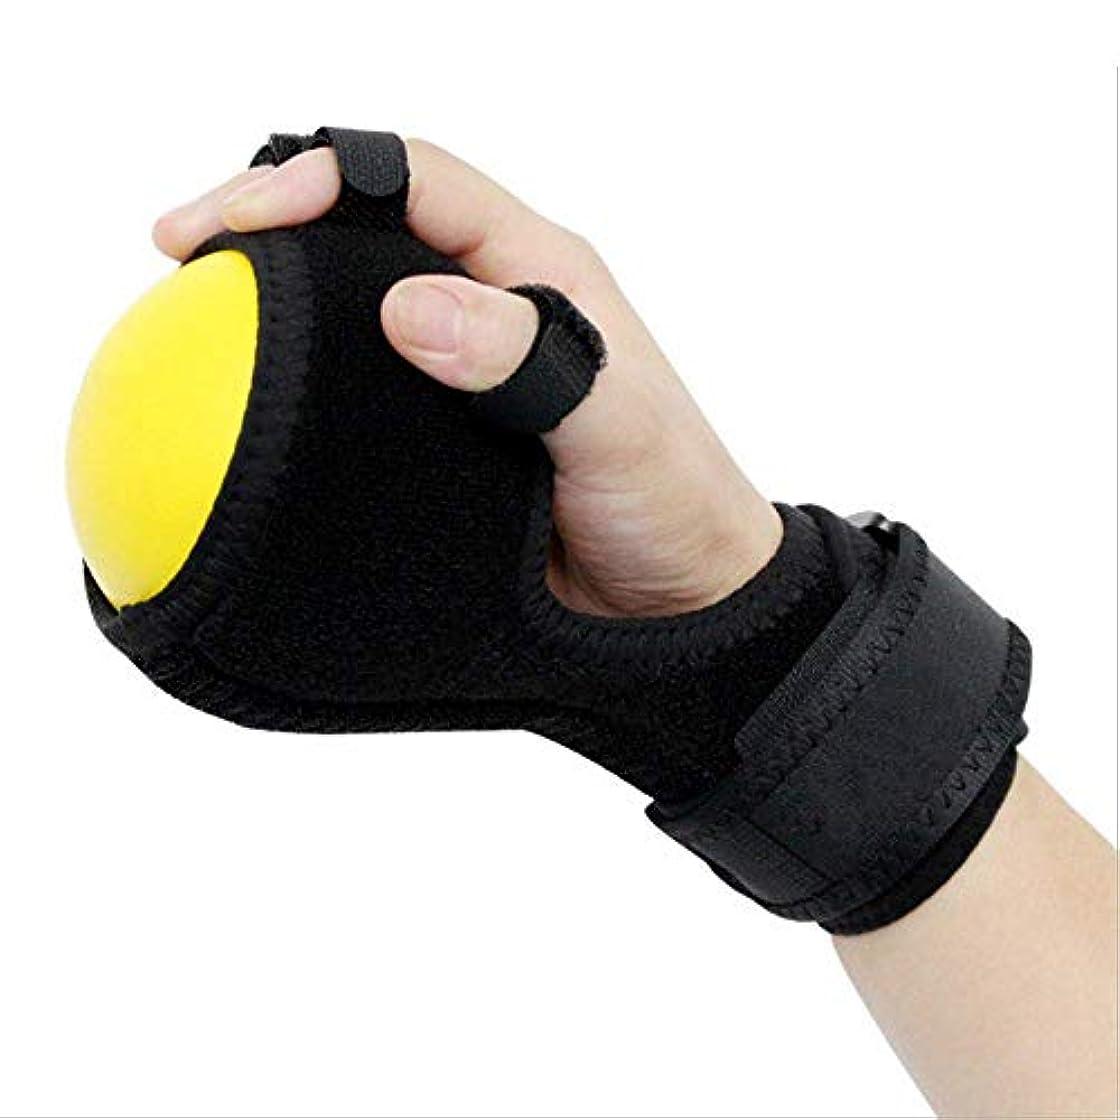 樫の木インストール嬉しいです指装具、指板訓練器具抗痙攣性ボールスプリントハンド機能障害指装具ハンドボールエクササイズ指片麻痺